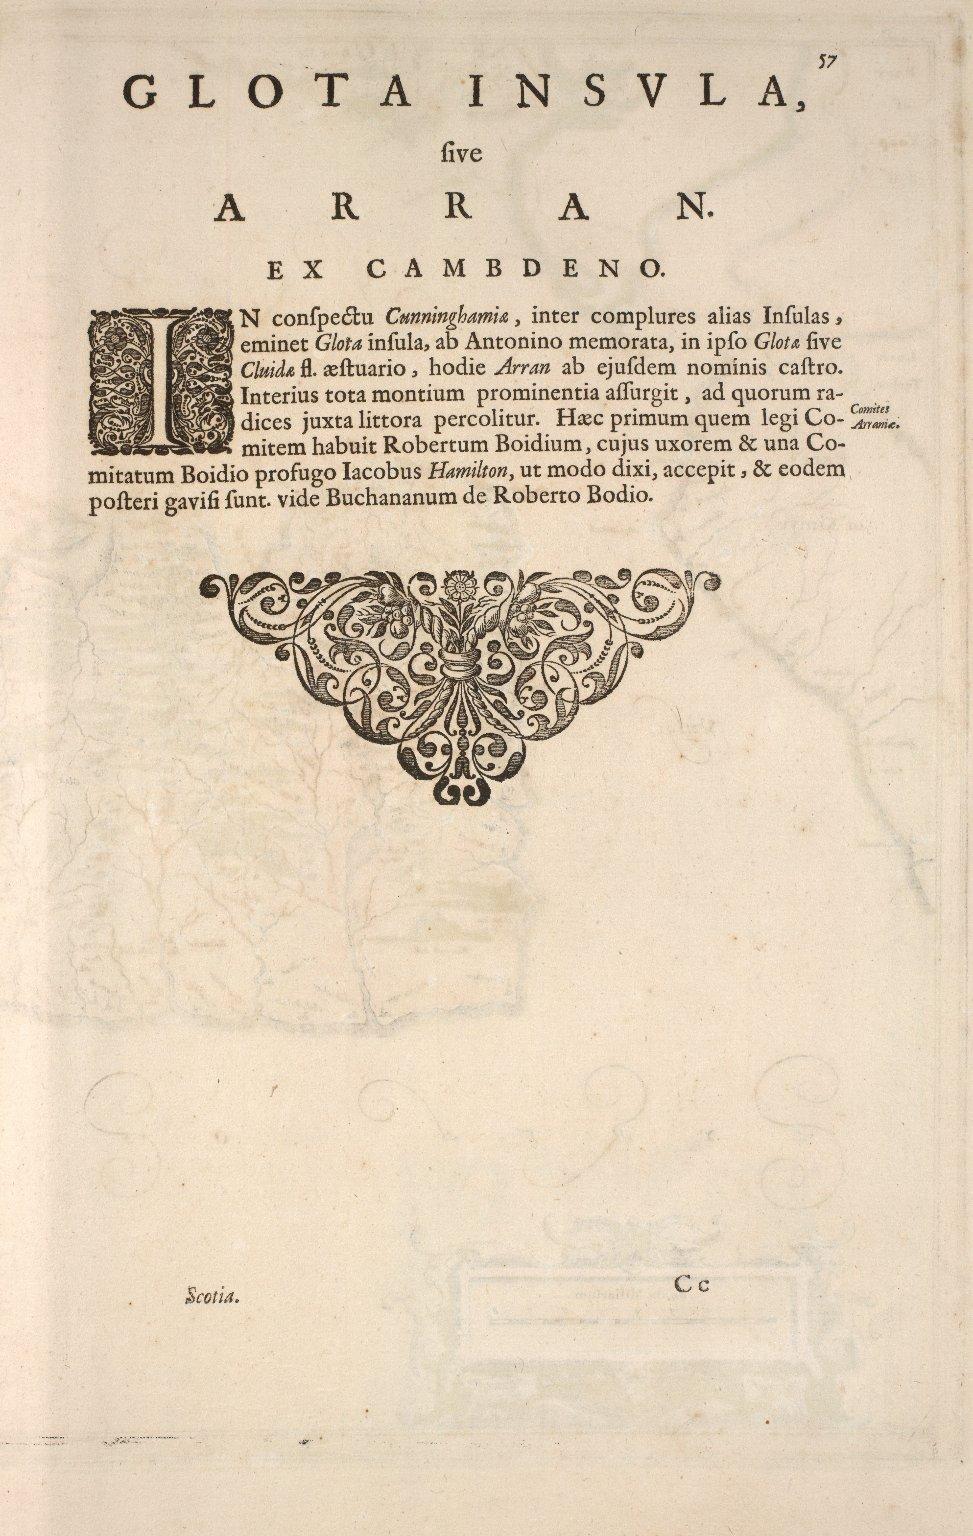 ARANIA / Insula in aestuario Glottae [1 of 2]